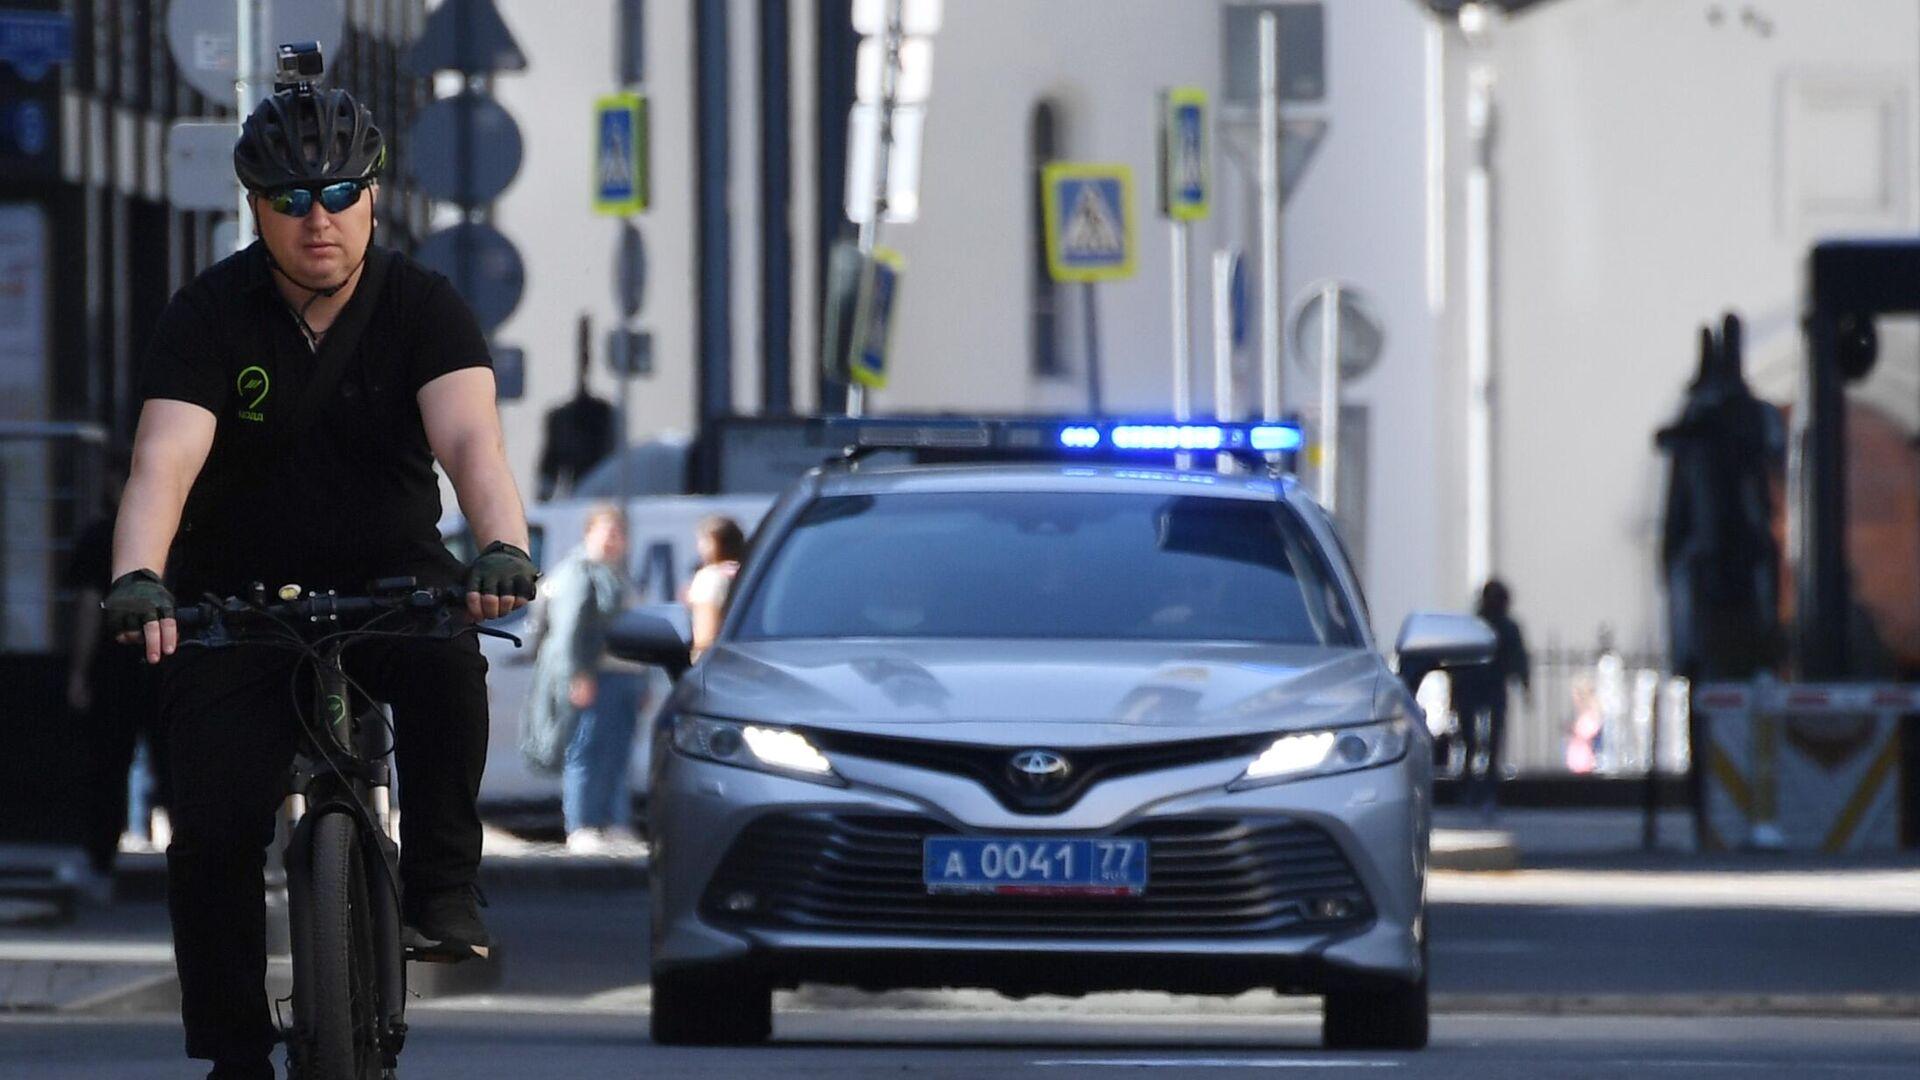 Инспектор велопатруля ЦОДД на одной из улиц Москвы - РИА Новости, 1920, 20.06.2021